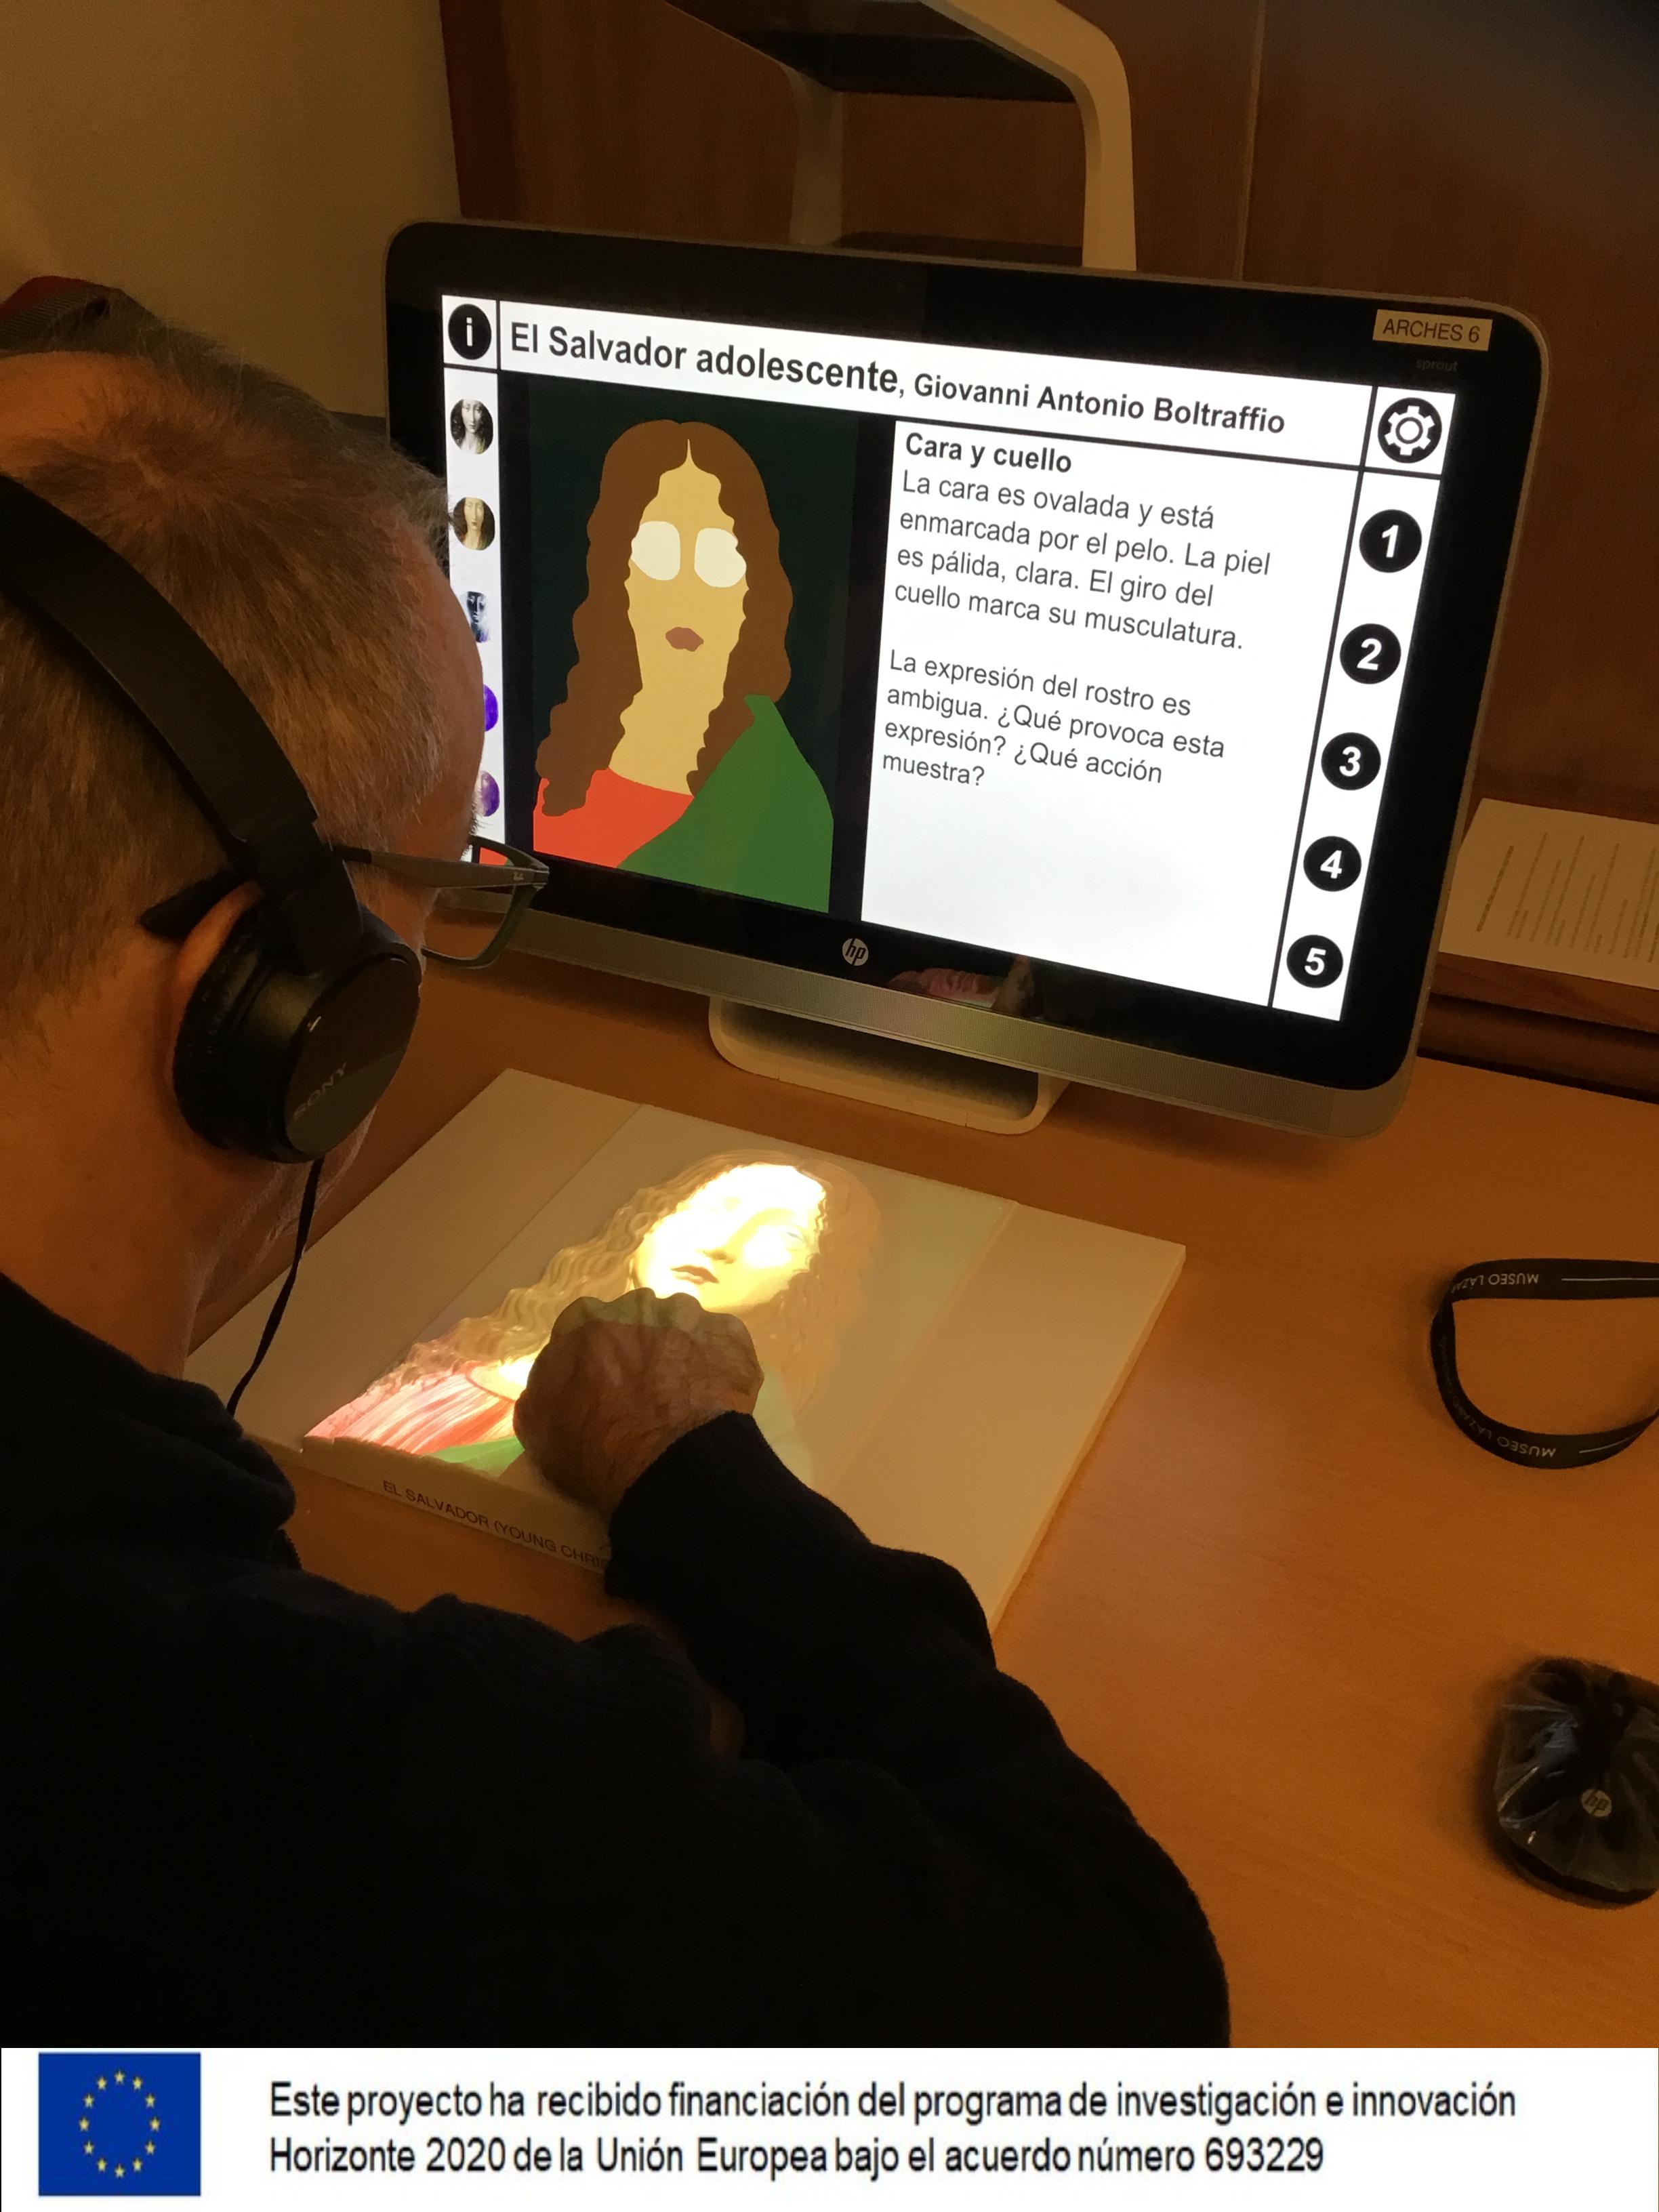 Participante tocando el relieve y escuchando el contenido táctil